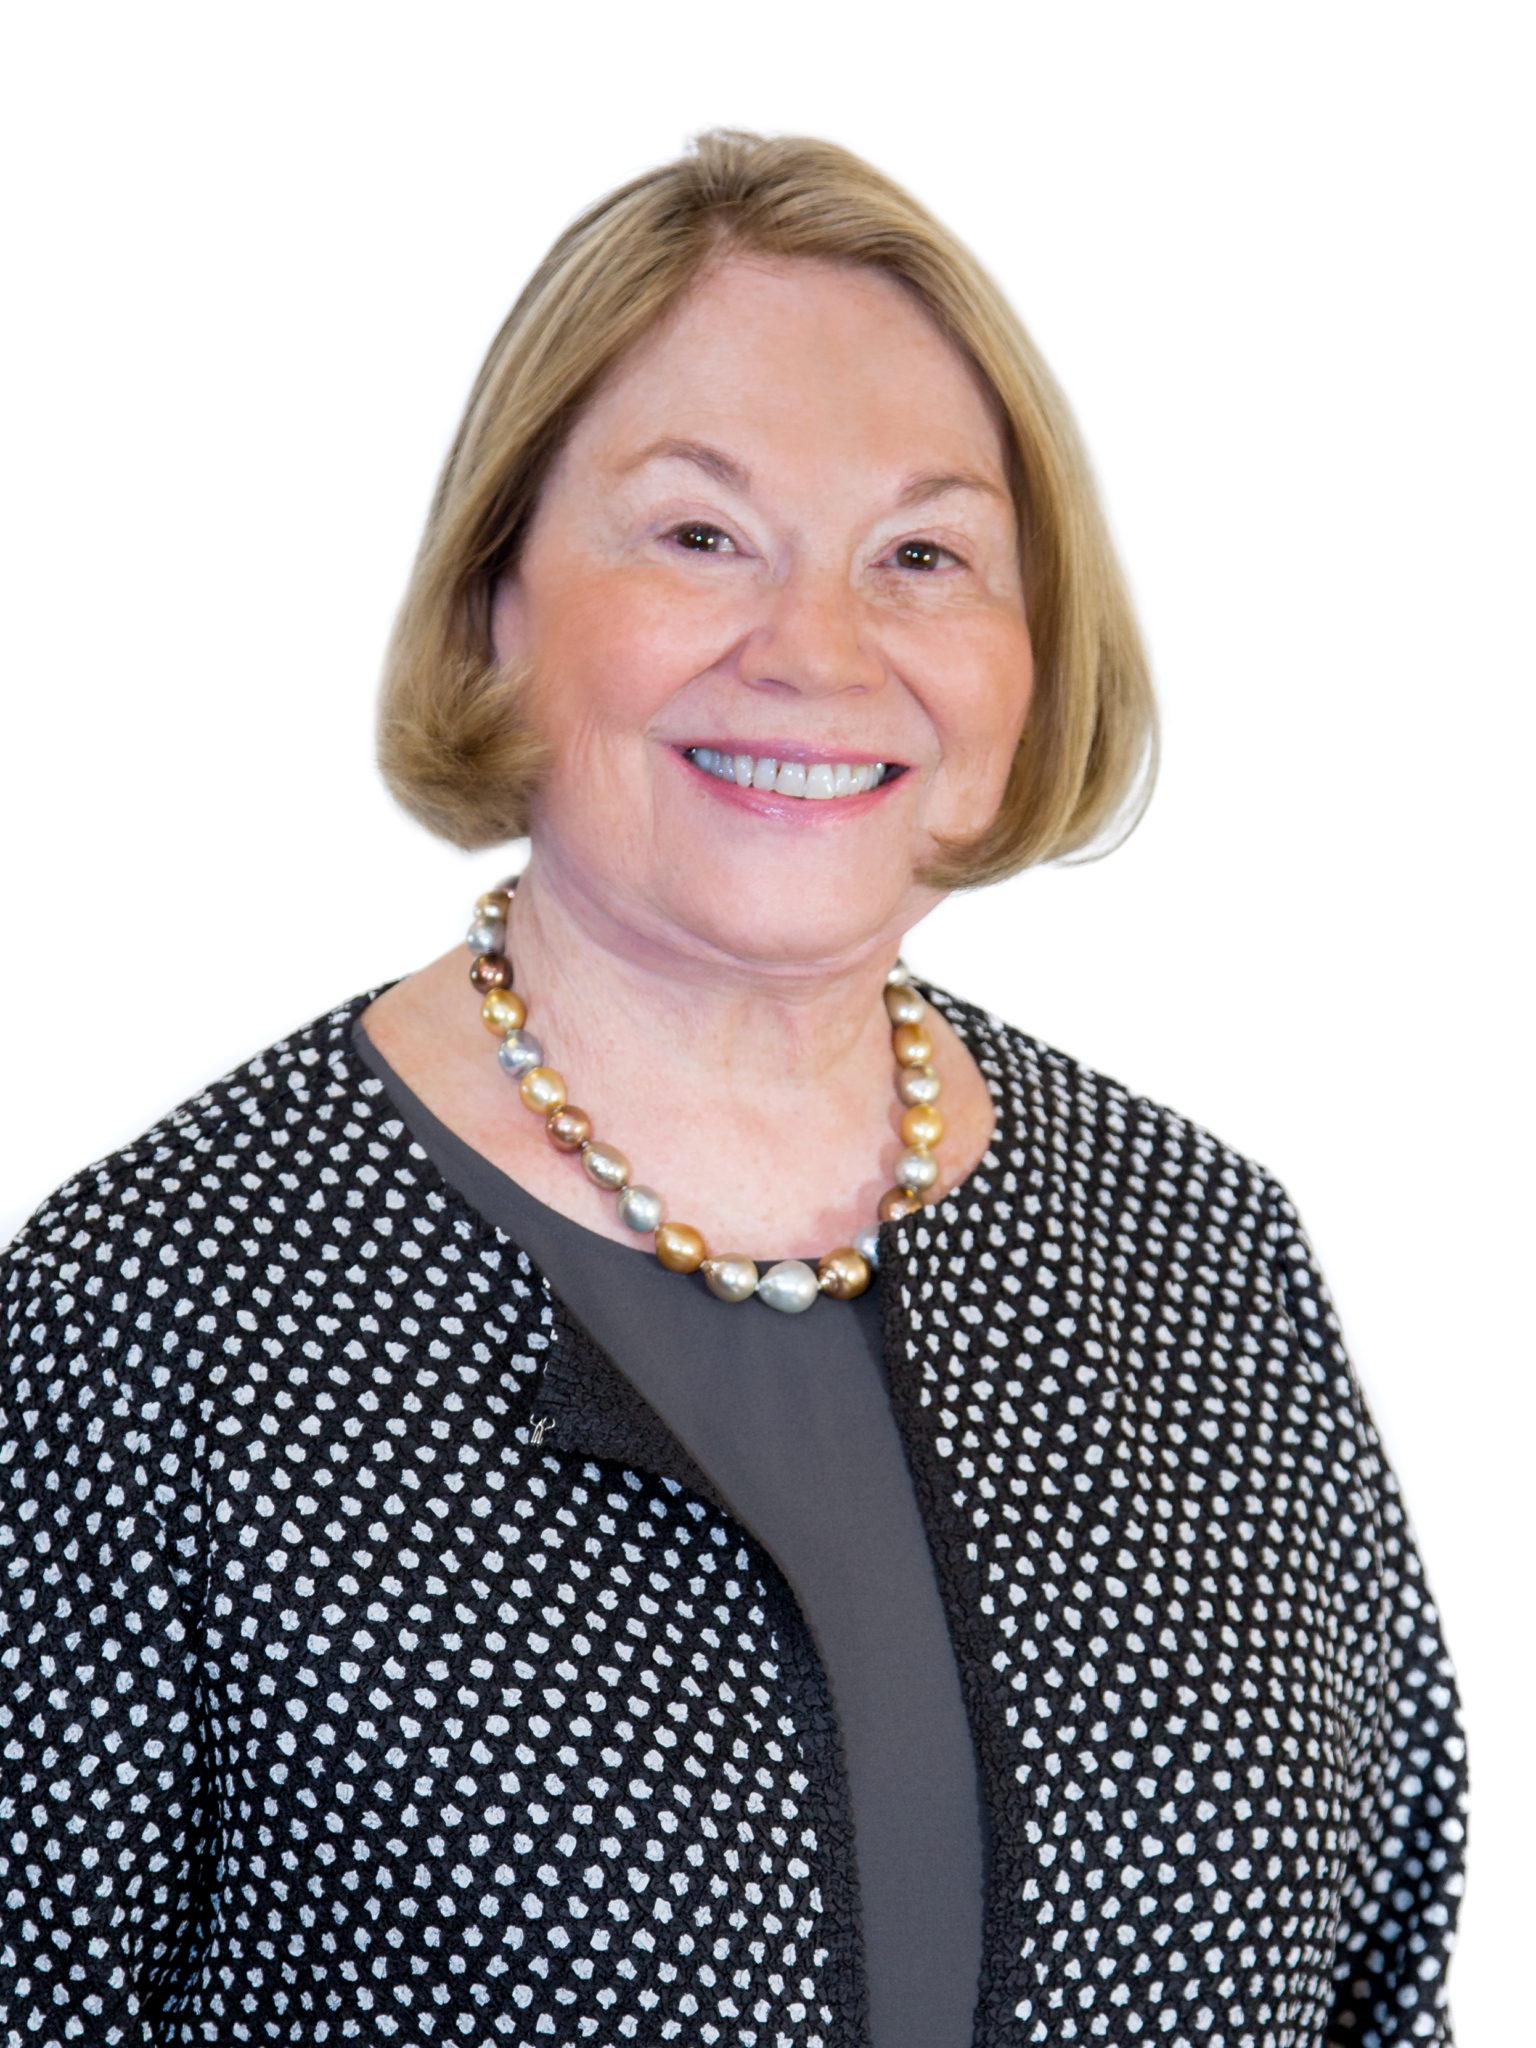 Maryann Keller